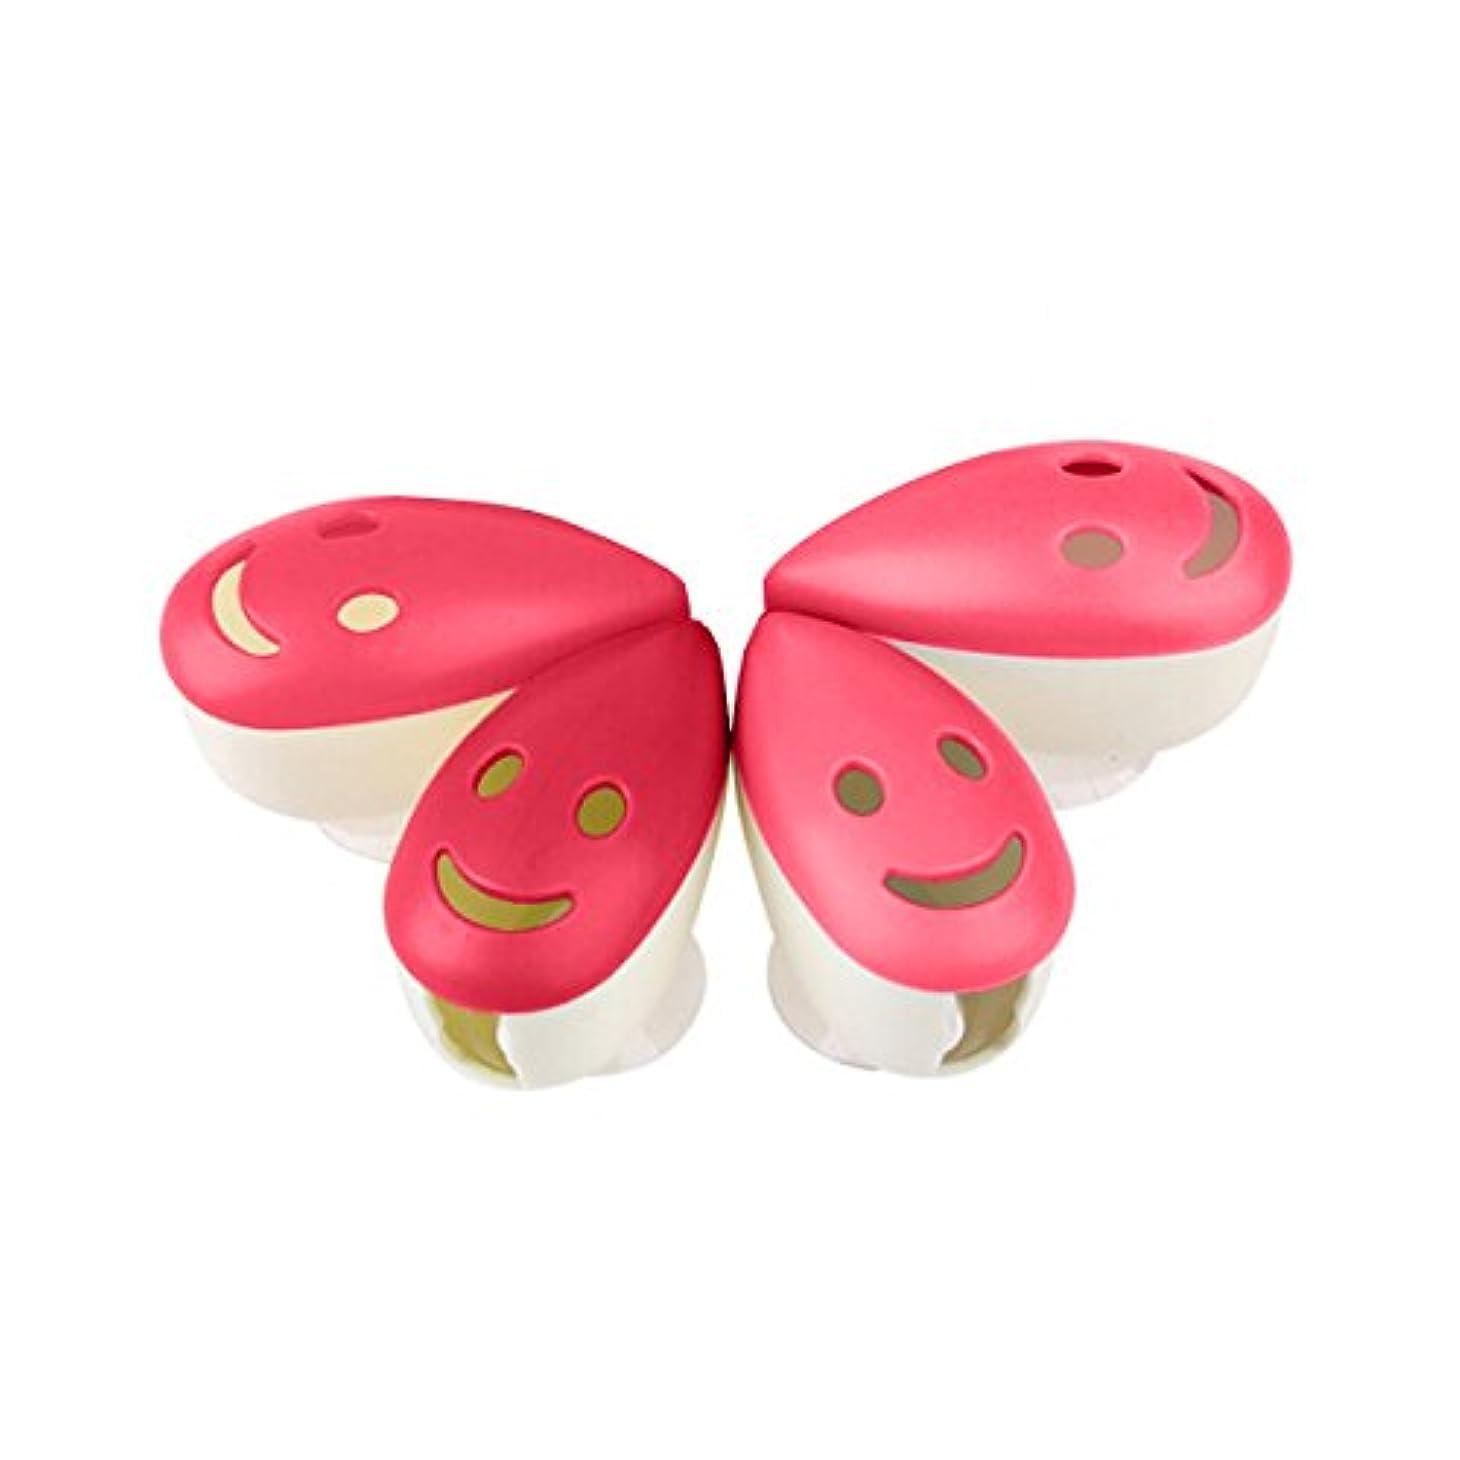 減少挑む公式ROSENICE 歯ブラシケース4個のスマイルフェイス抗菌歯ブラシホルダーサクションカップ(混合色)